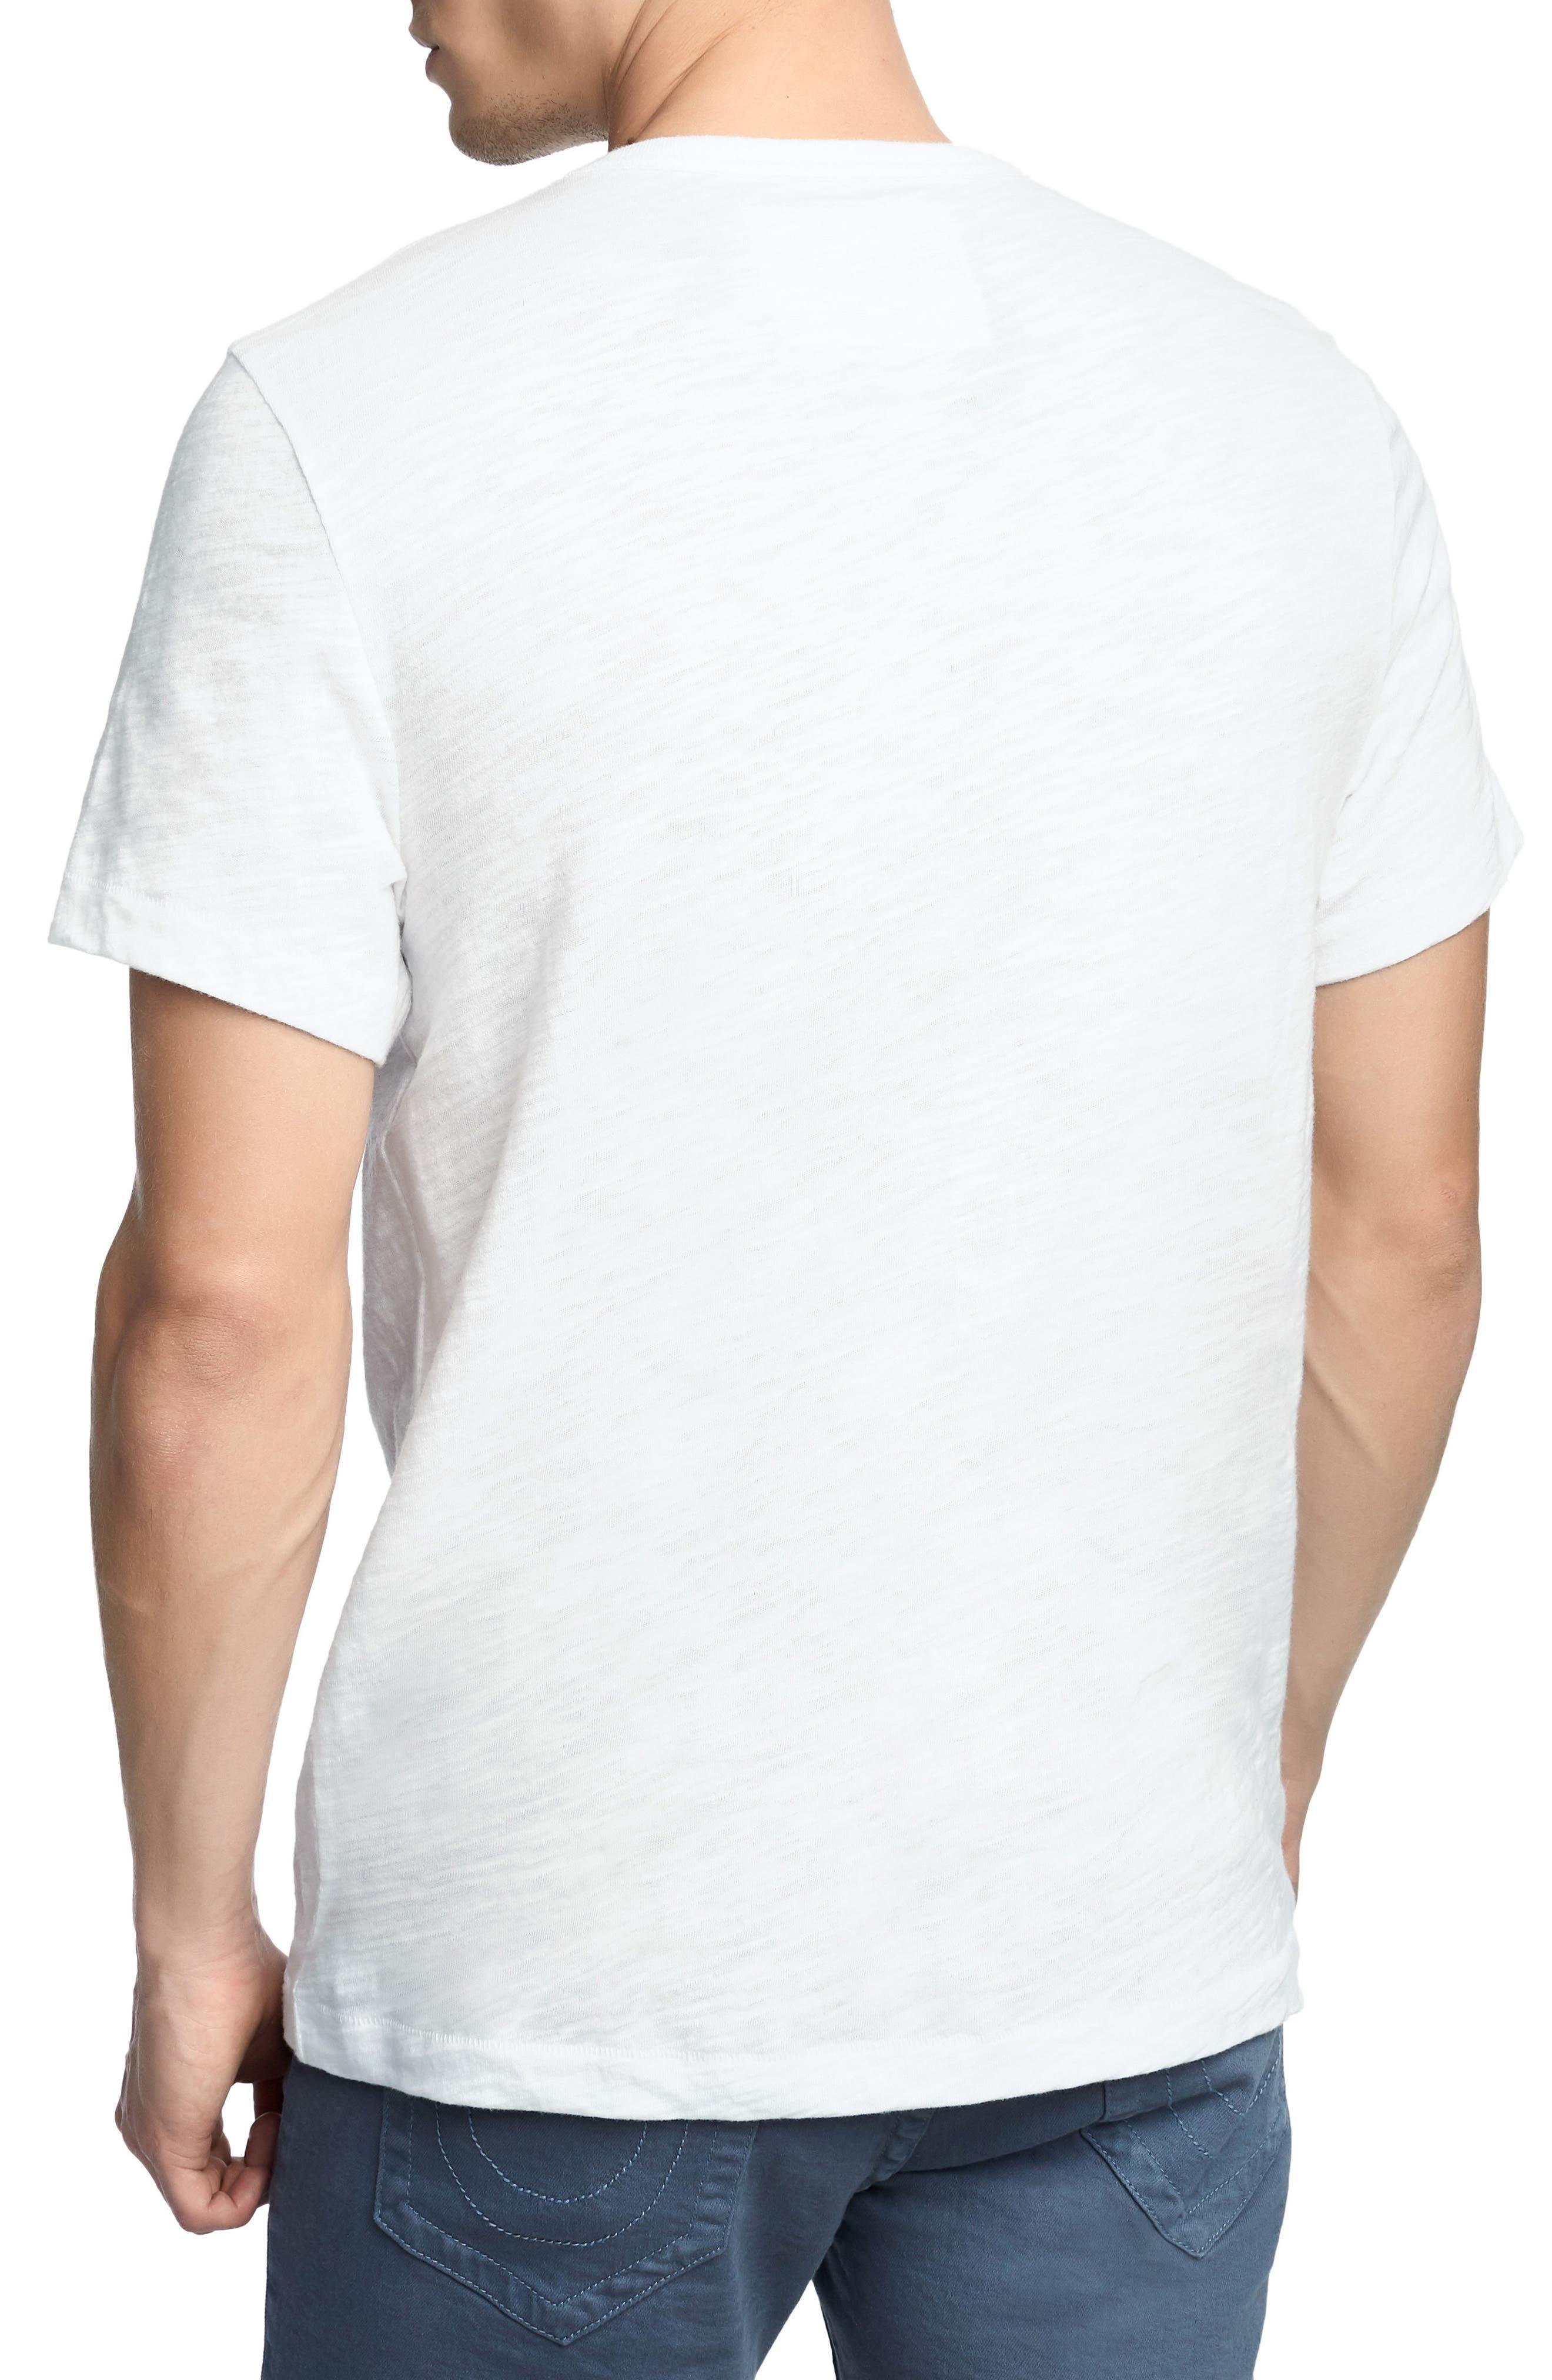 Born Free T-Shirt,                             Alternate thumbnail 2, color,                             Optic White